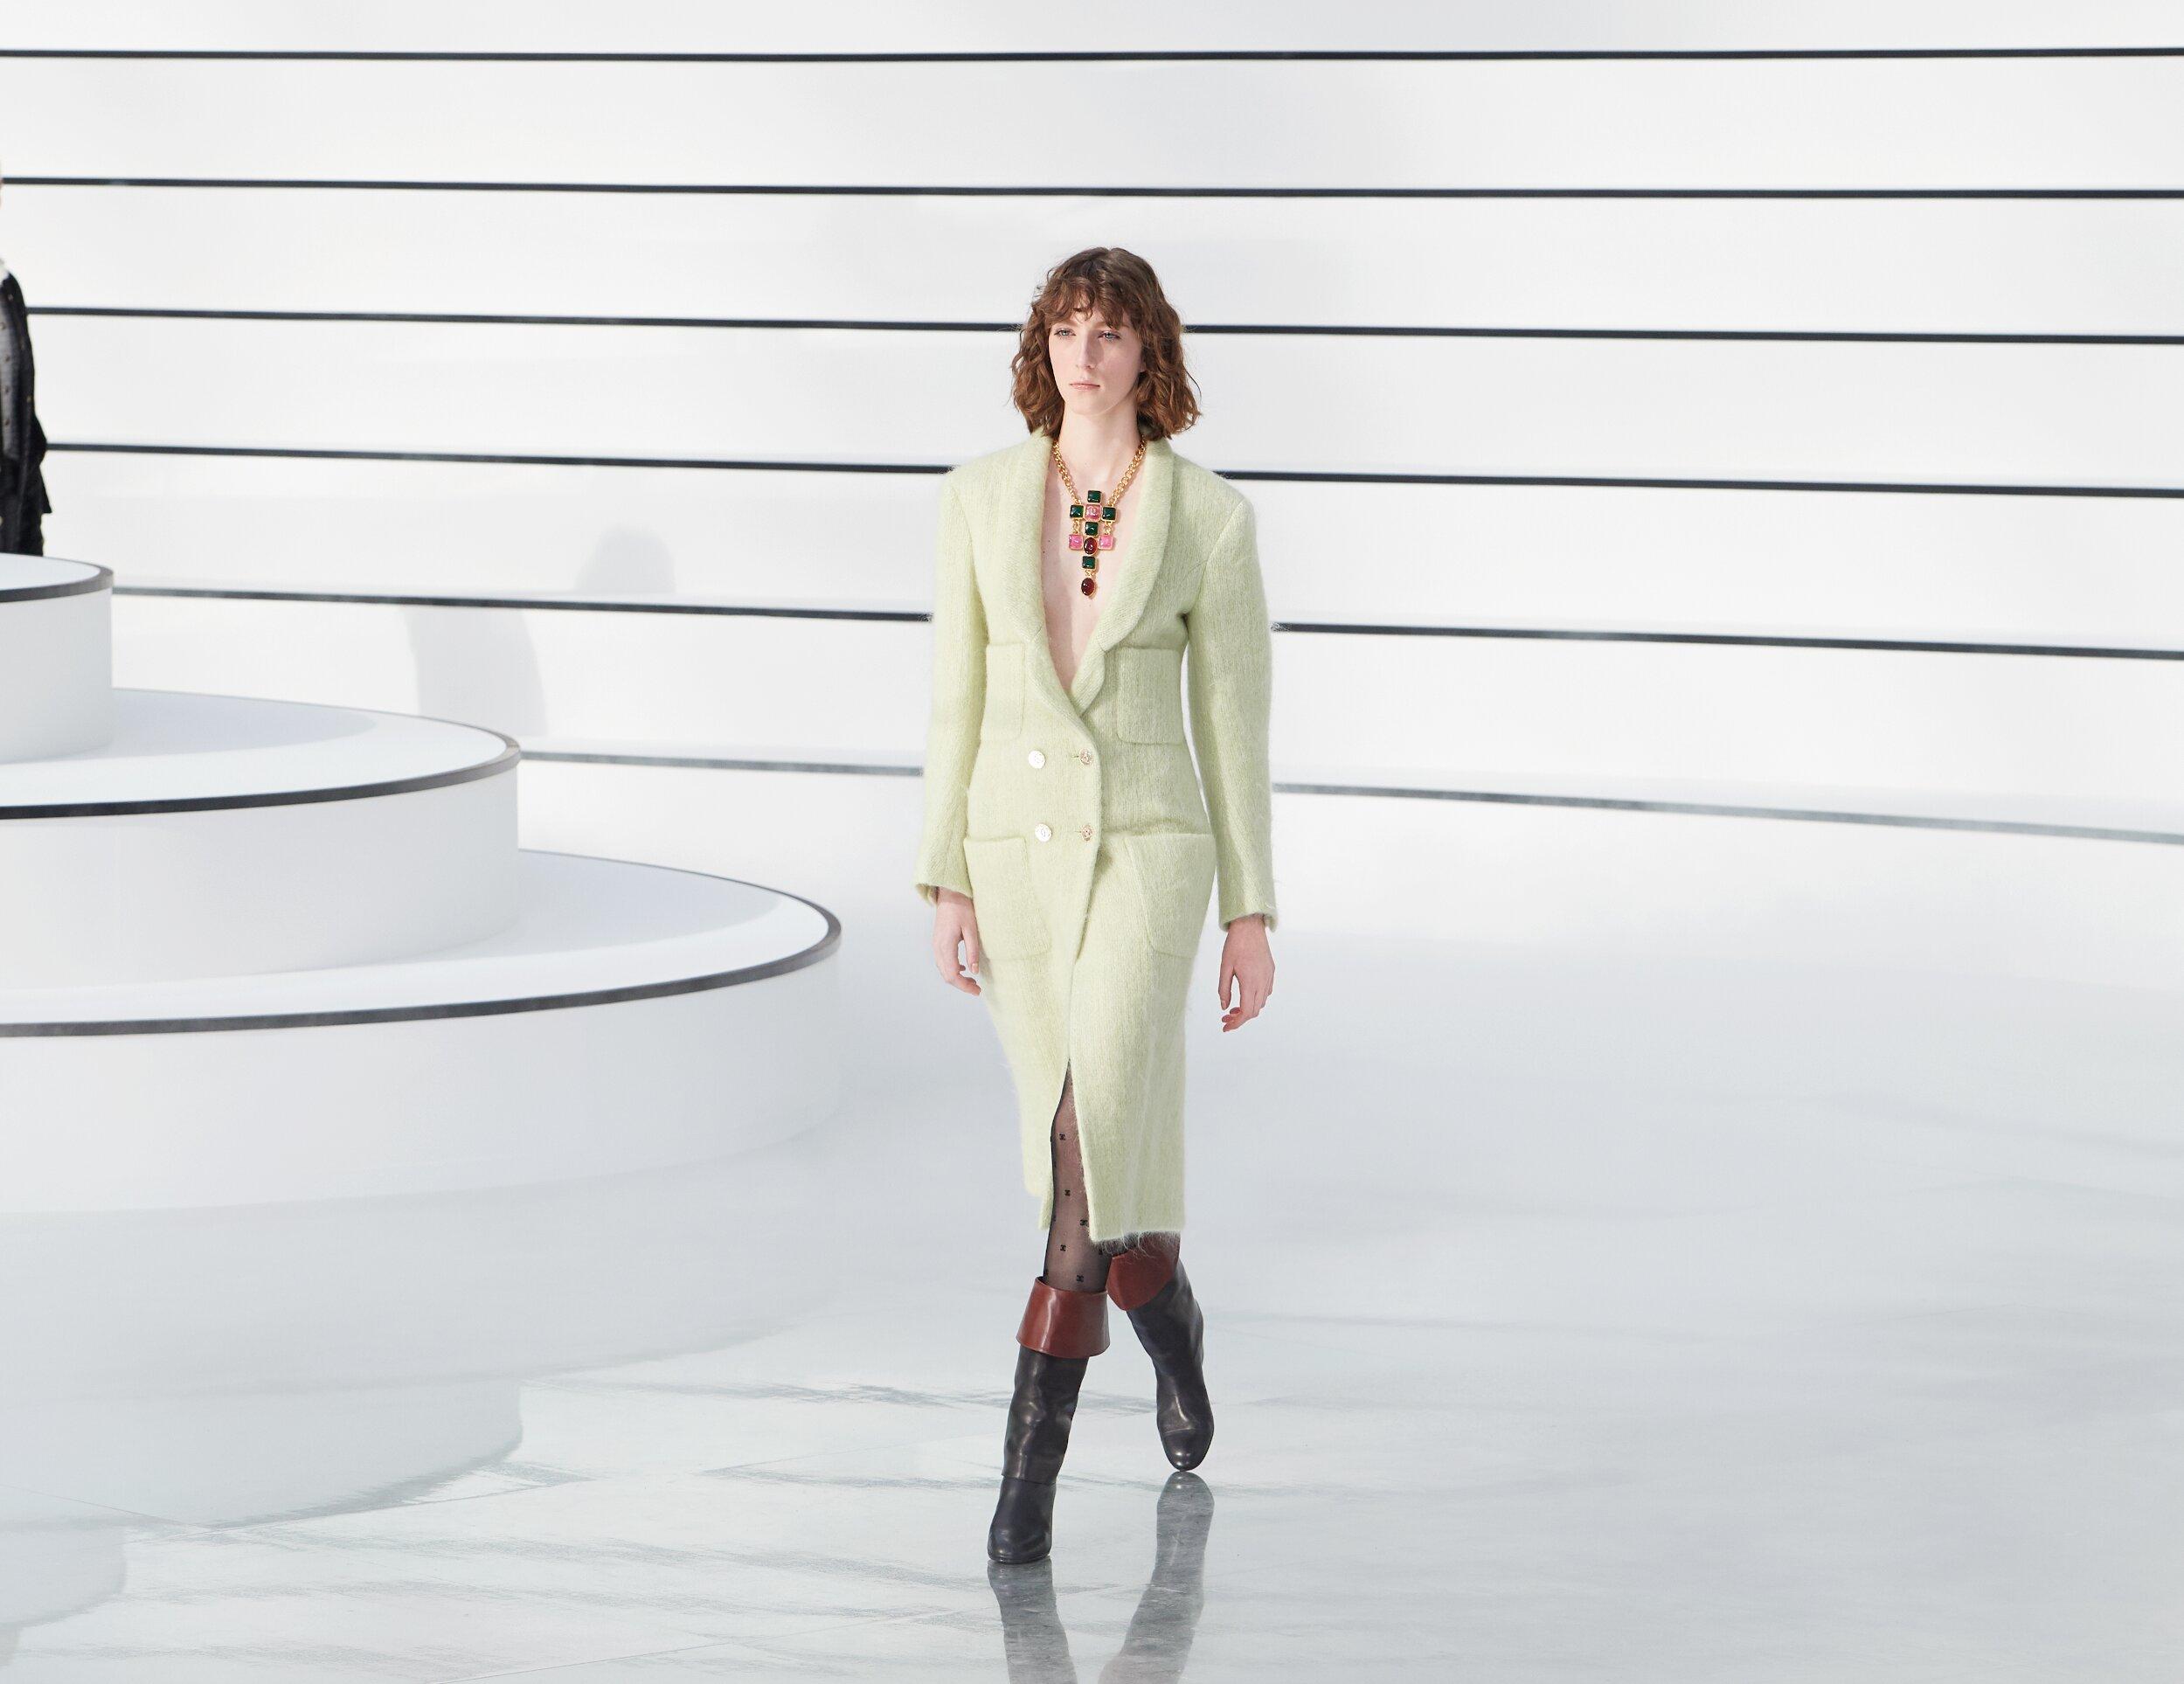 FW 2020-21 Chanel Fashion Show